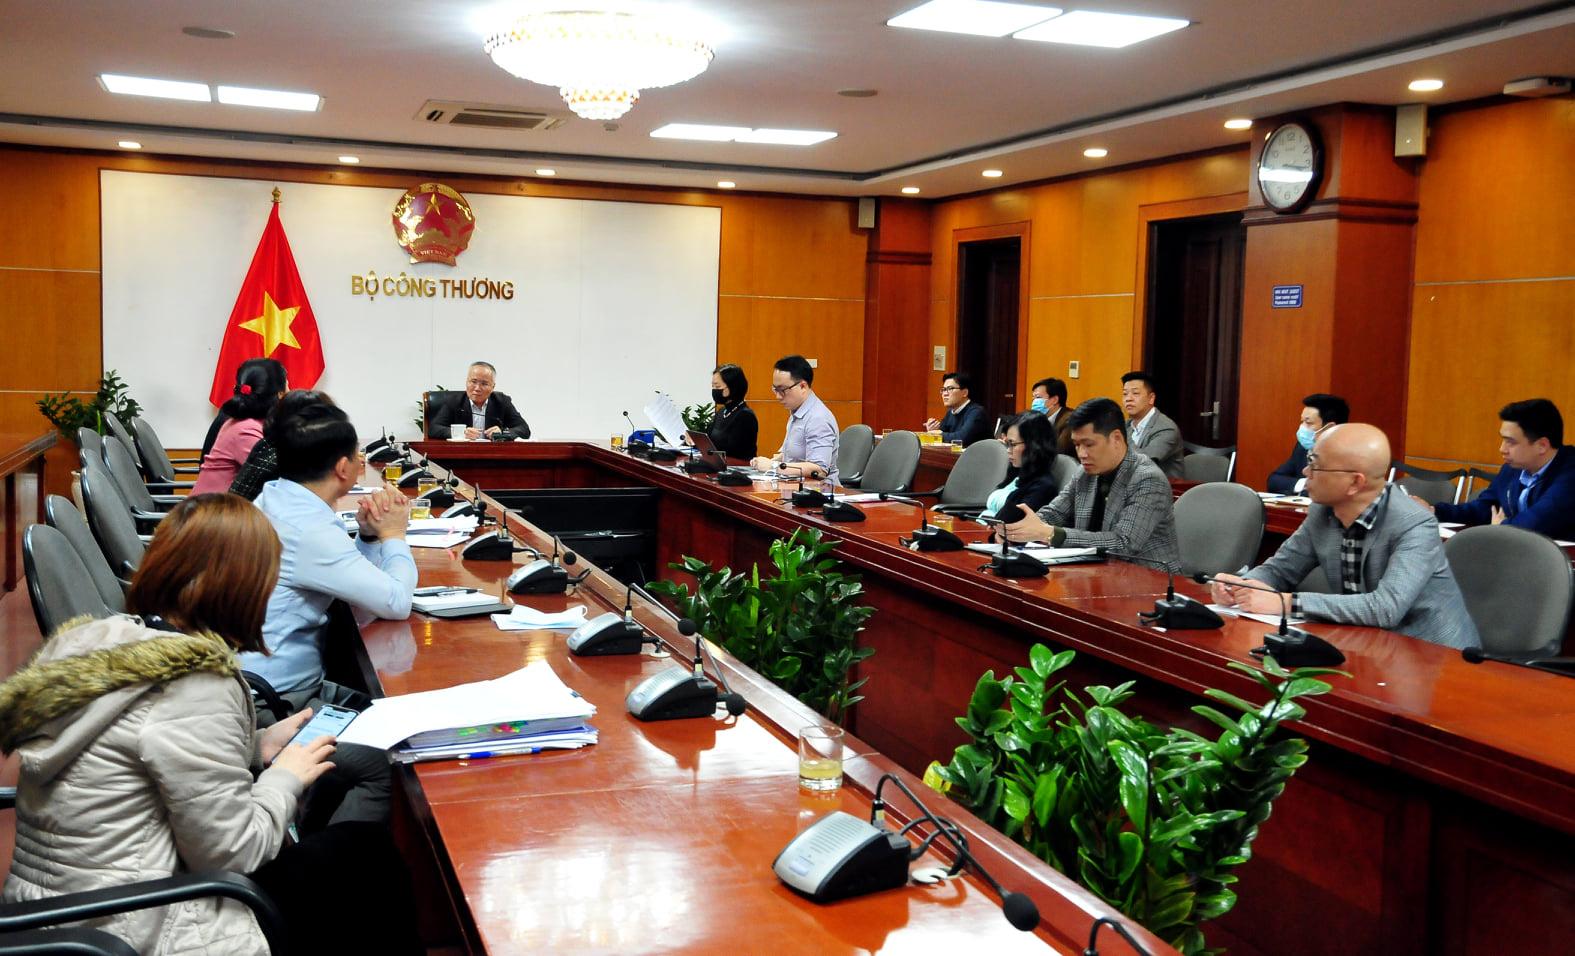 Dịch Covid – 19 tái bùng phát, Bộ Công Thương ra công điện khẩn - Ảnh 1.